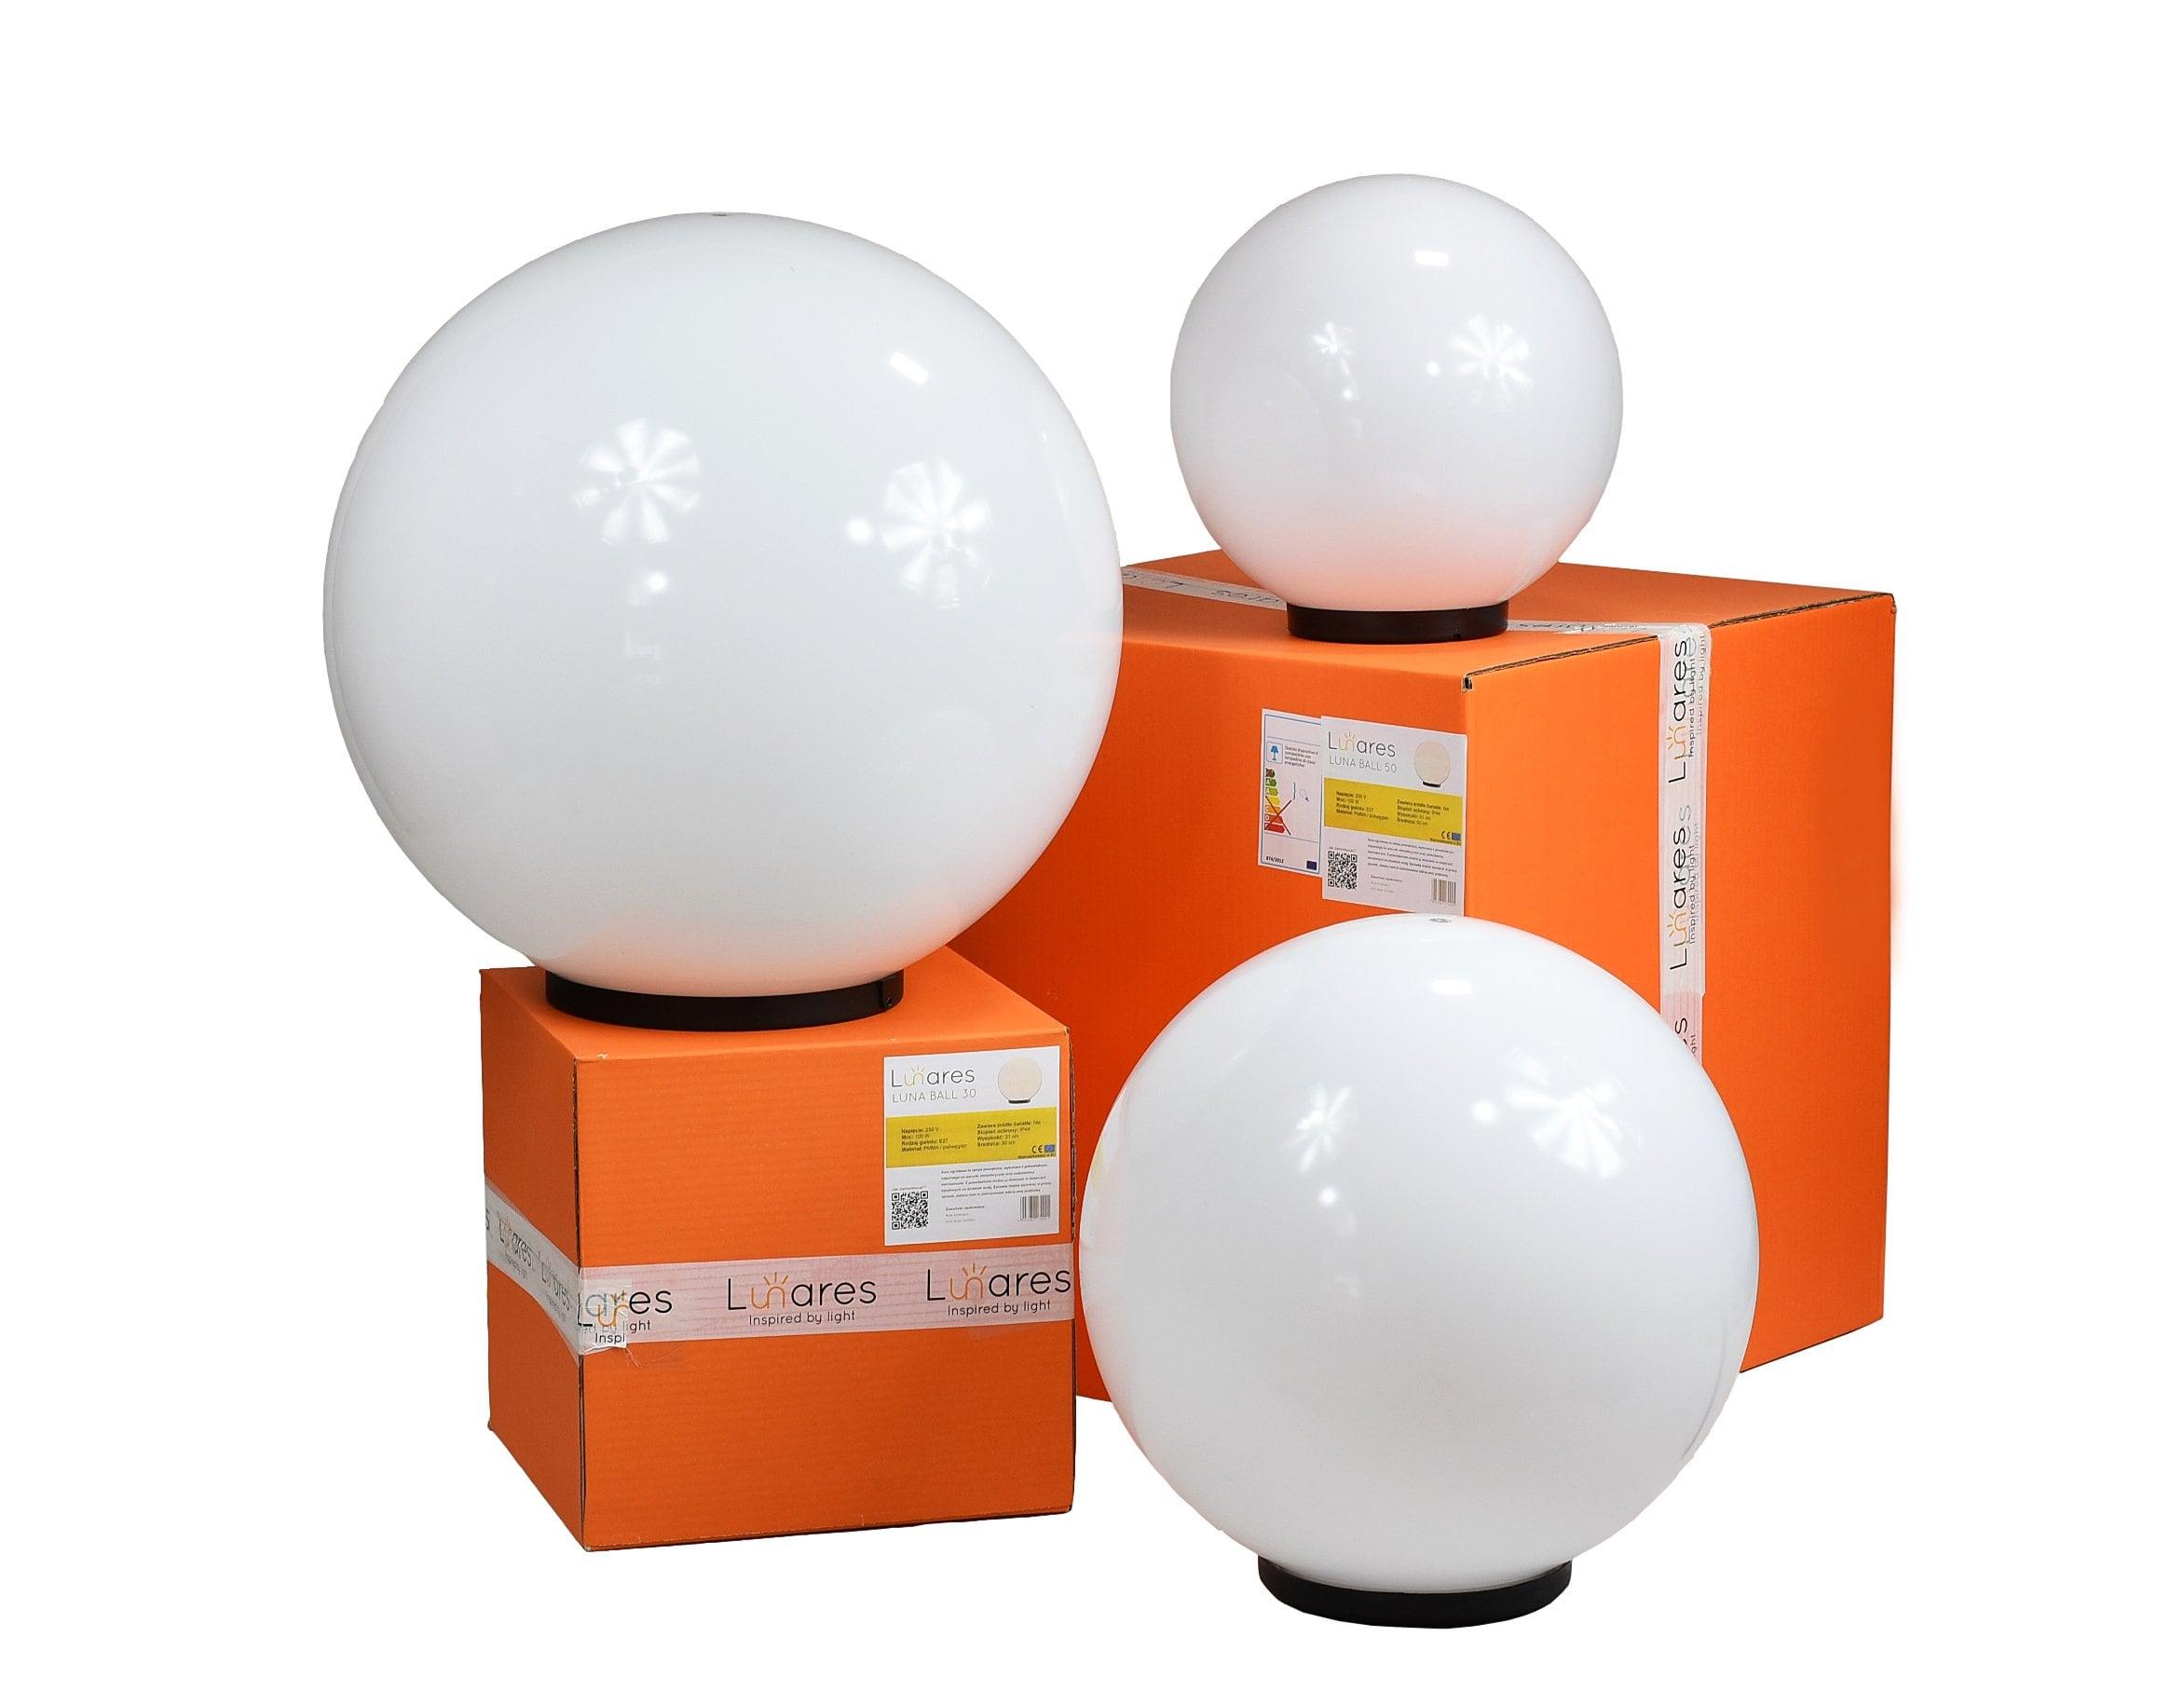 Sada dekorativních zahradních míčků - Luna Balls 25, 30, 40 cm + LED žárovky